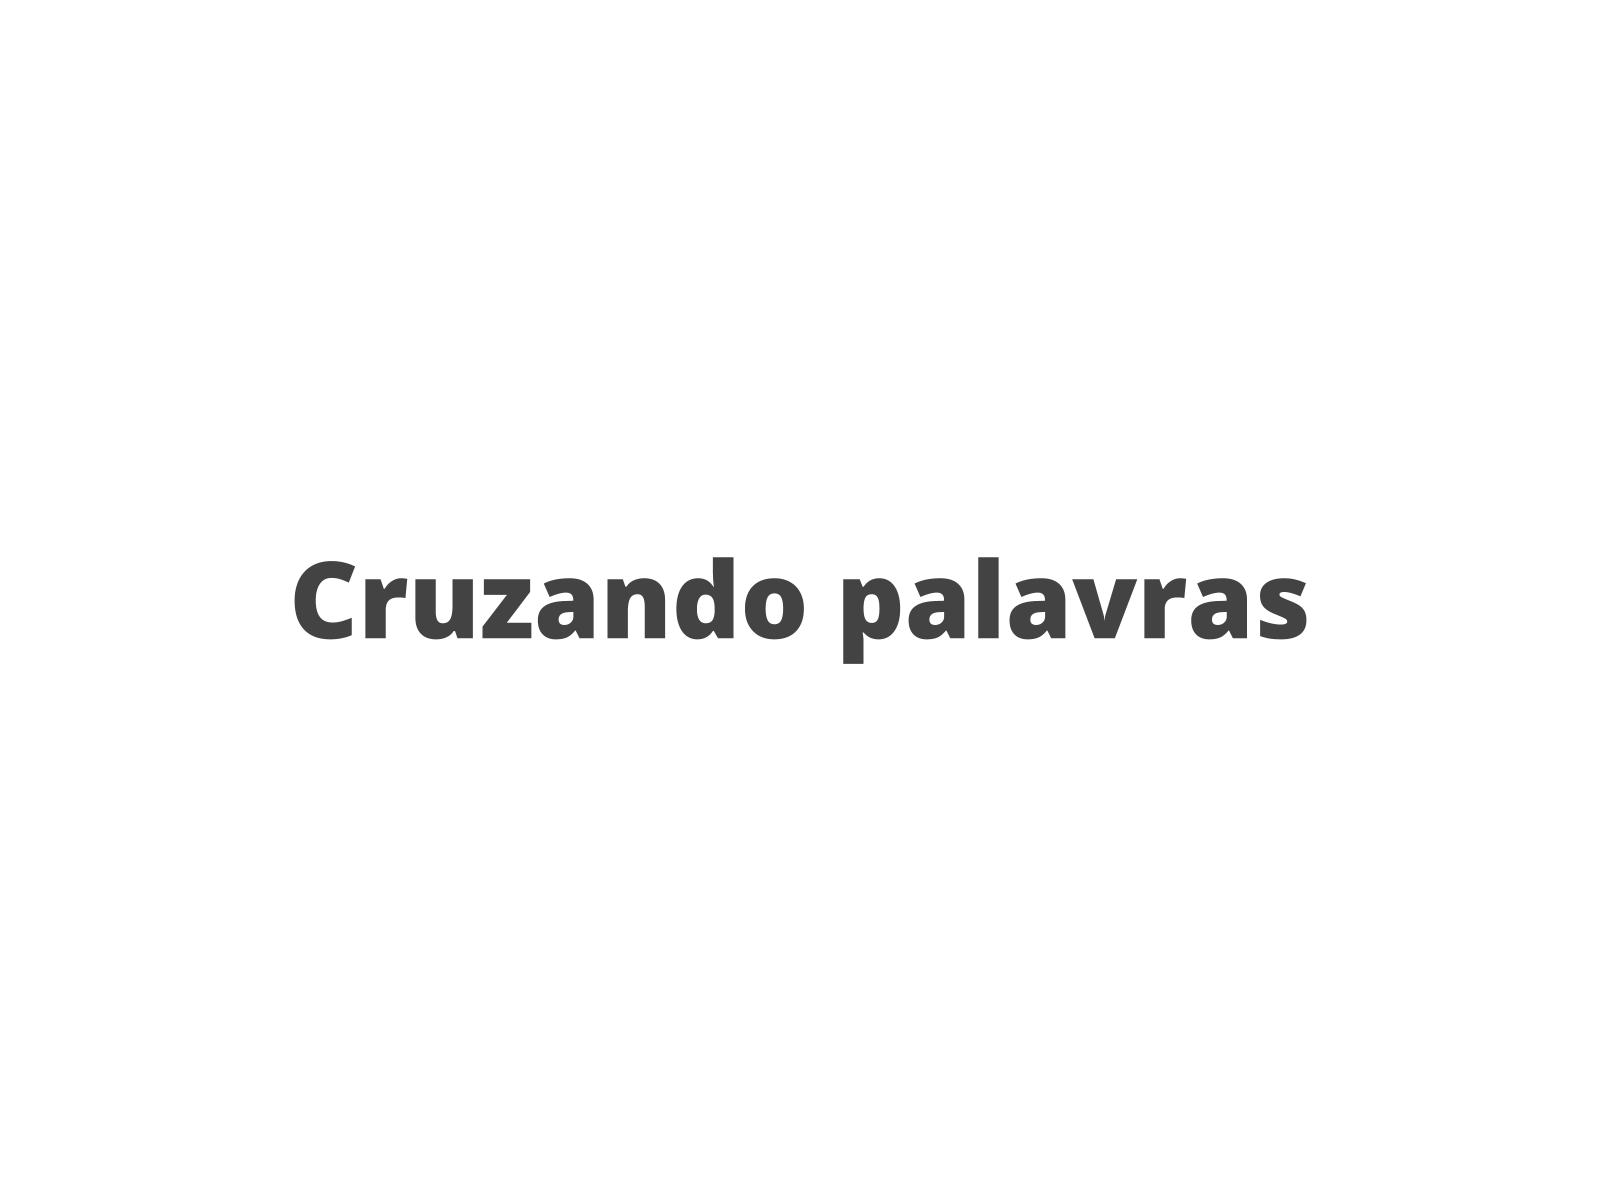 Cruzando palavras com fonema /z/